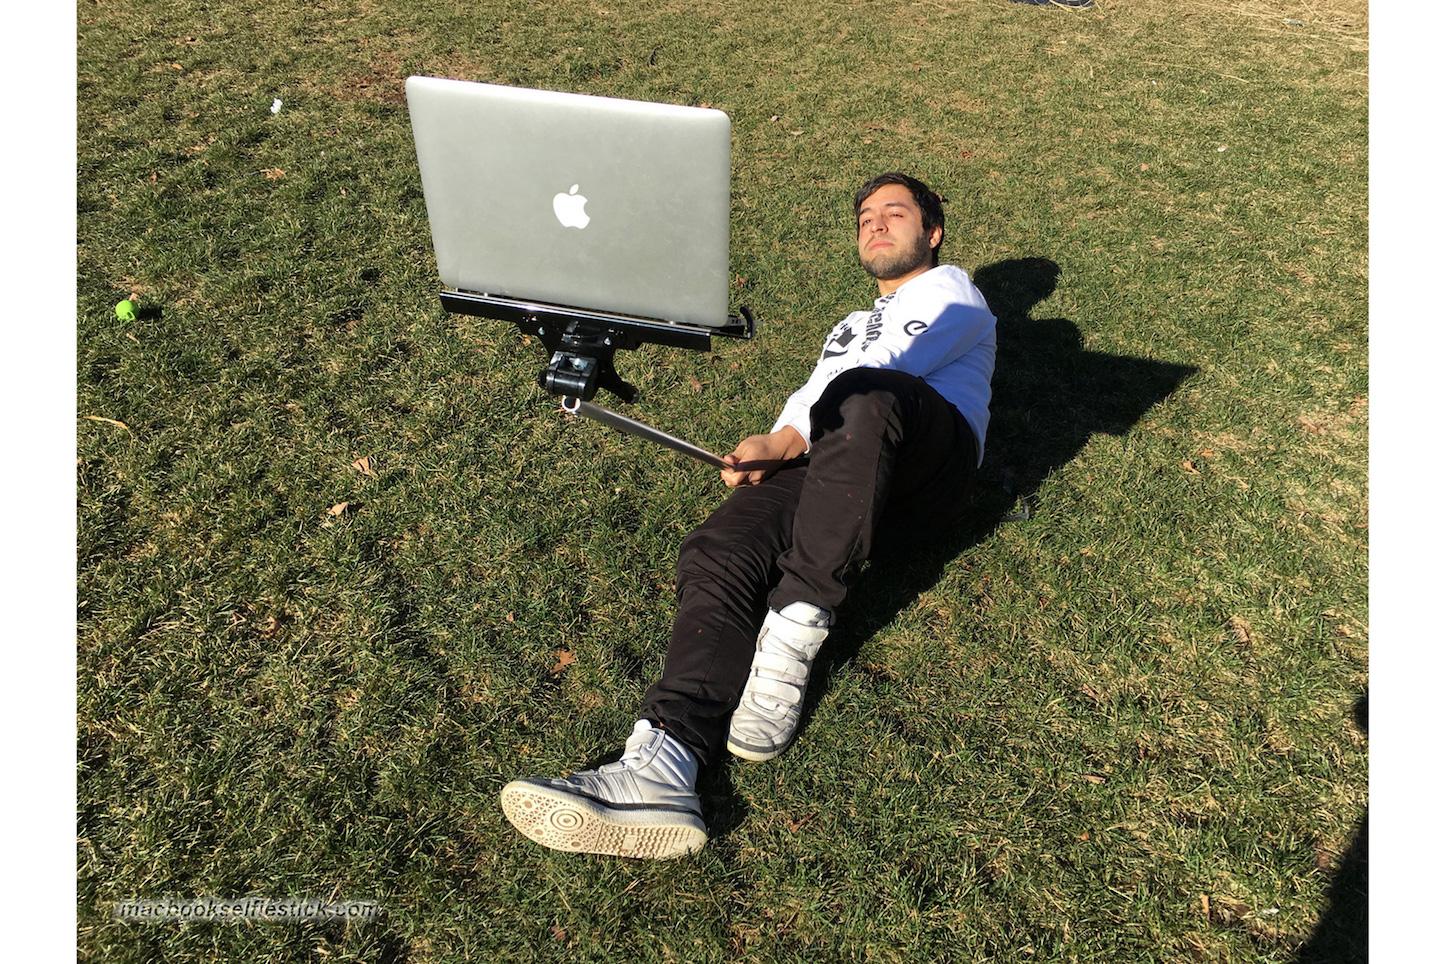 MacBookセルフィースティック